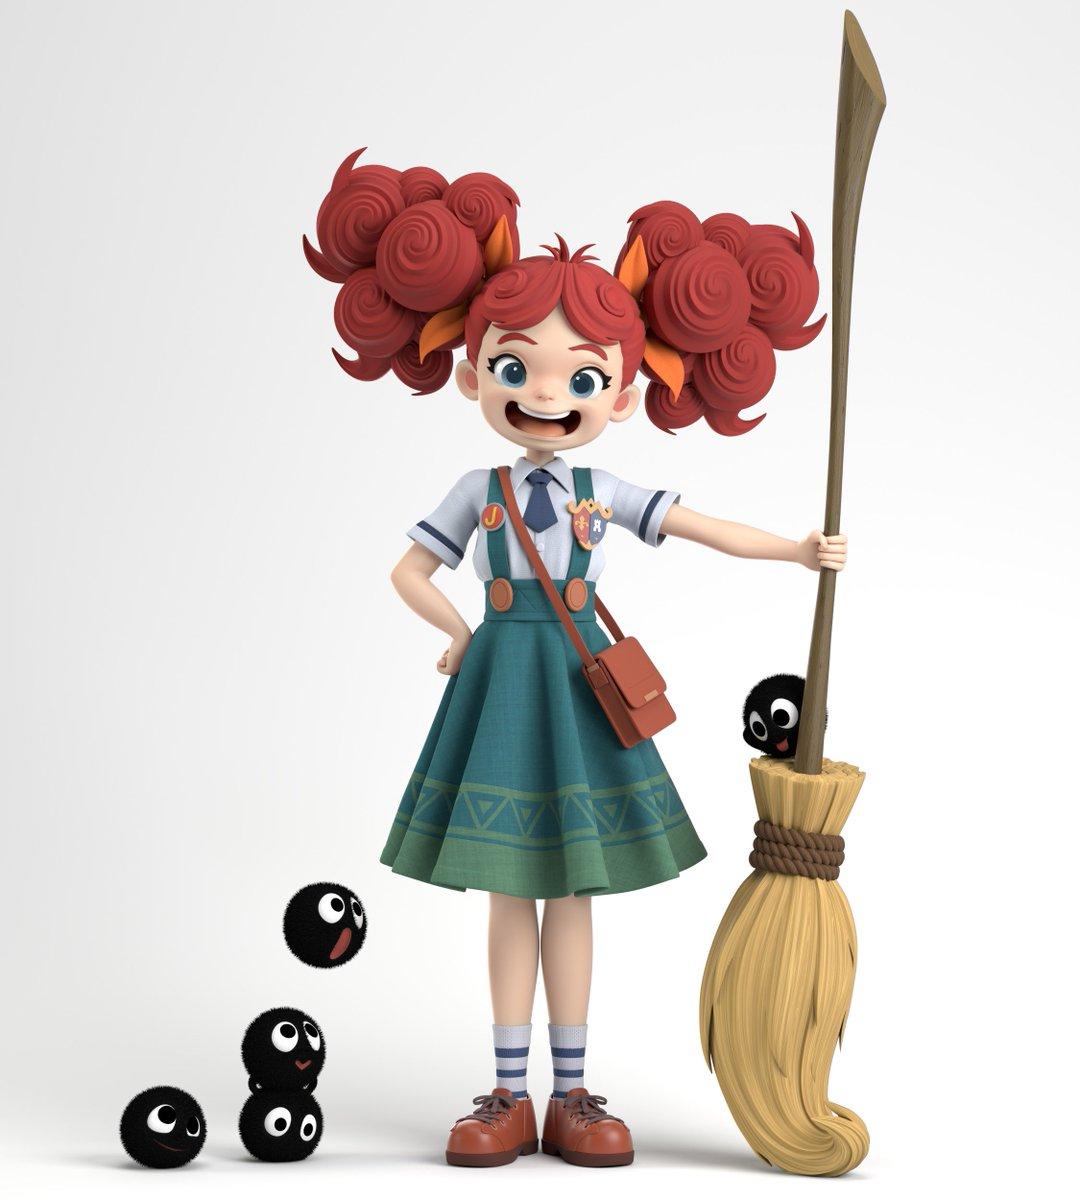 """빙글빙글 마녀의 대백과사전 -""""Little Witch Marie"""" 3D Sculpt by Jaeyeon Nam Concept by hong soonsang Jaeyeon Nam's artstation https://www.artstation.com/artwork/baPNWn"""